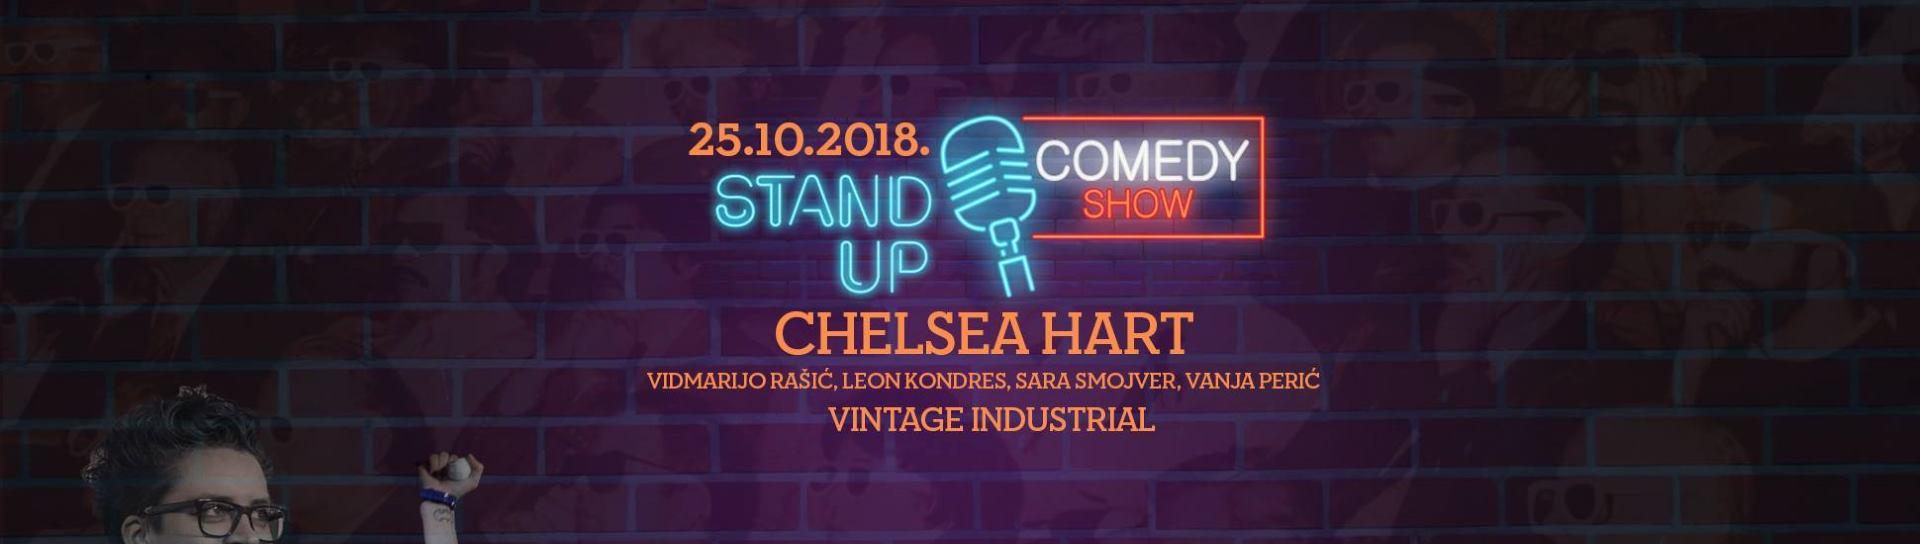 Chelsea Hart dolazi na posebnu stand up večer